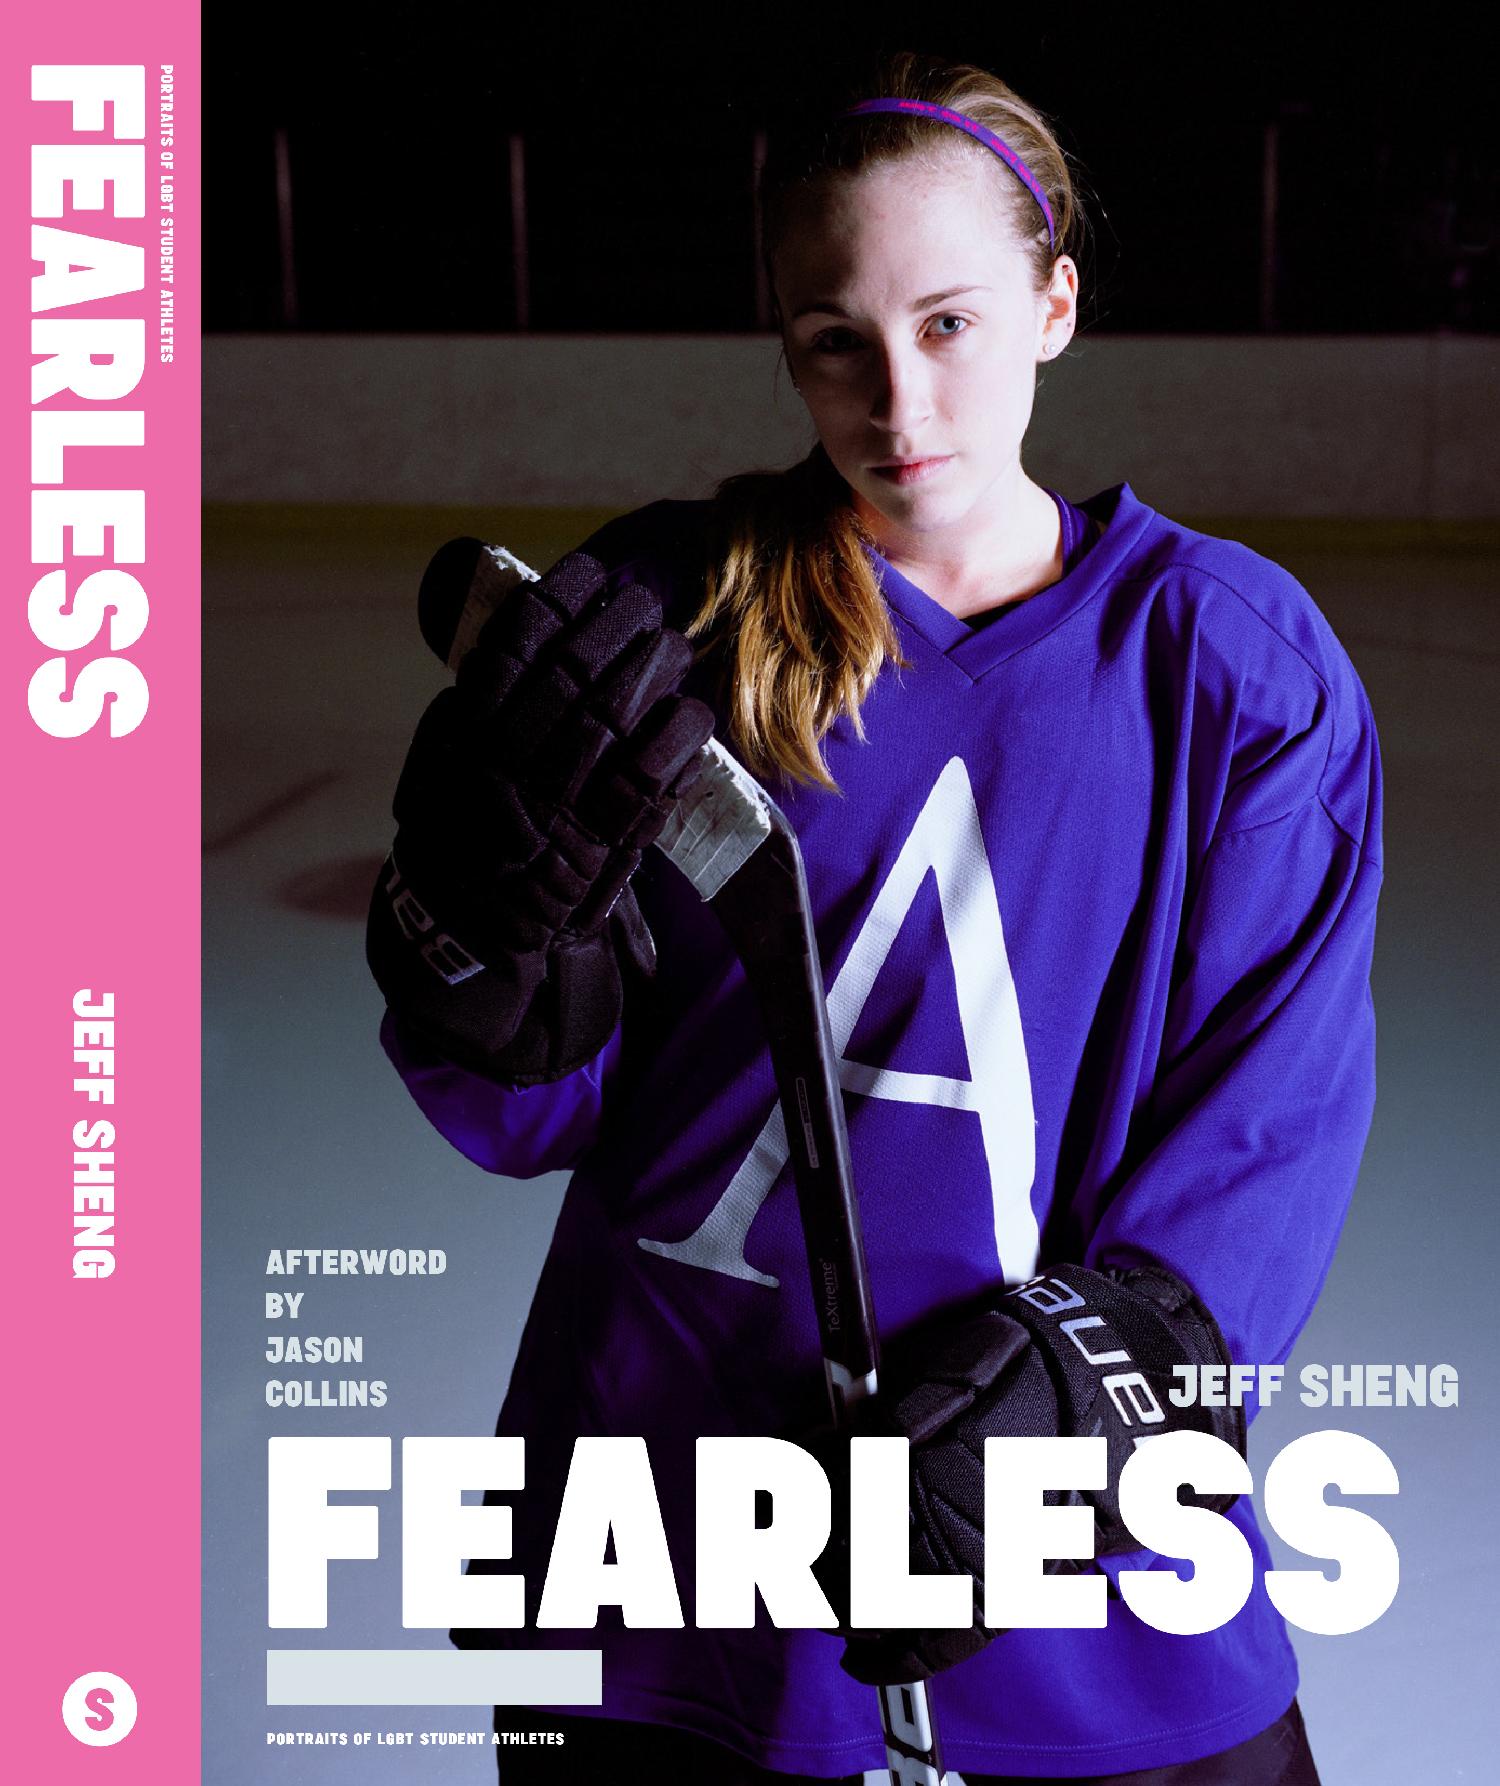 Fearless_Covers_crop.pdf-8-web-1500.jpg